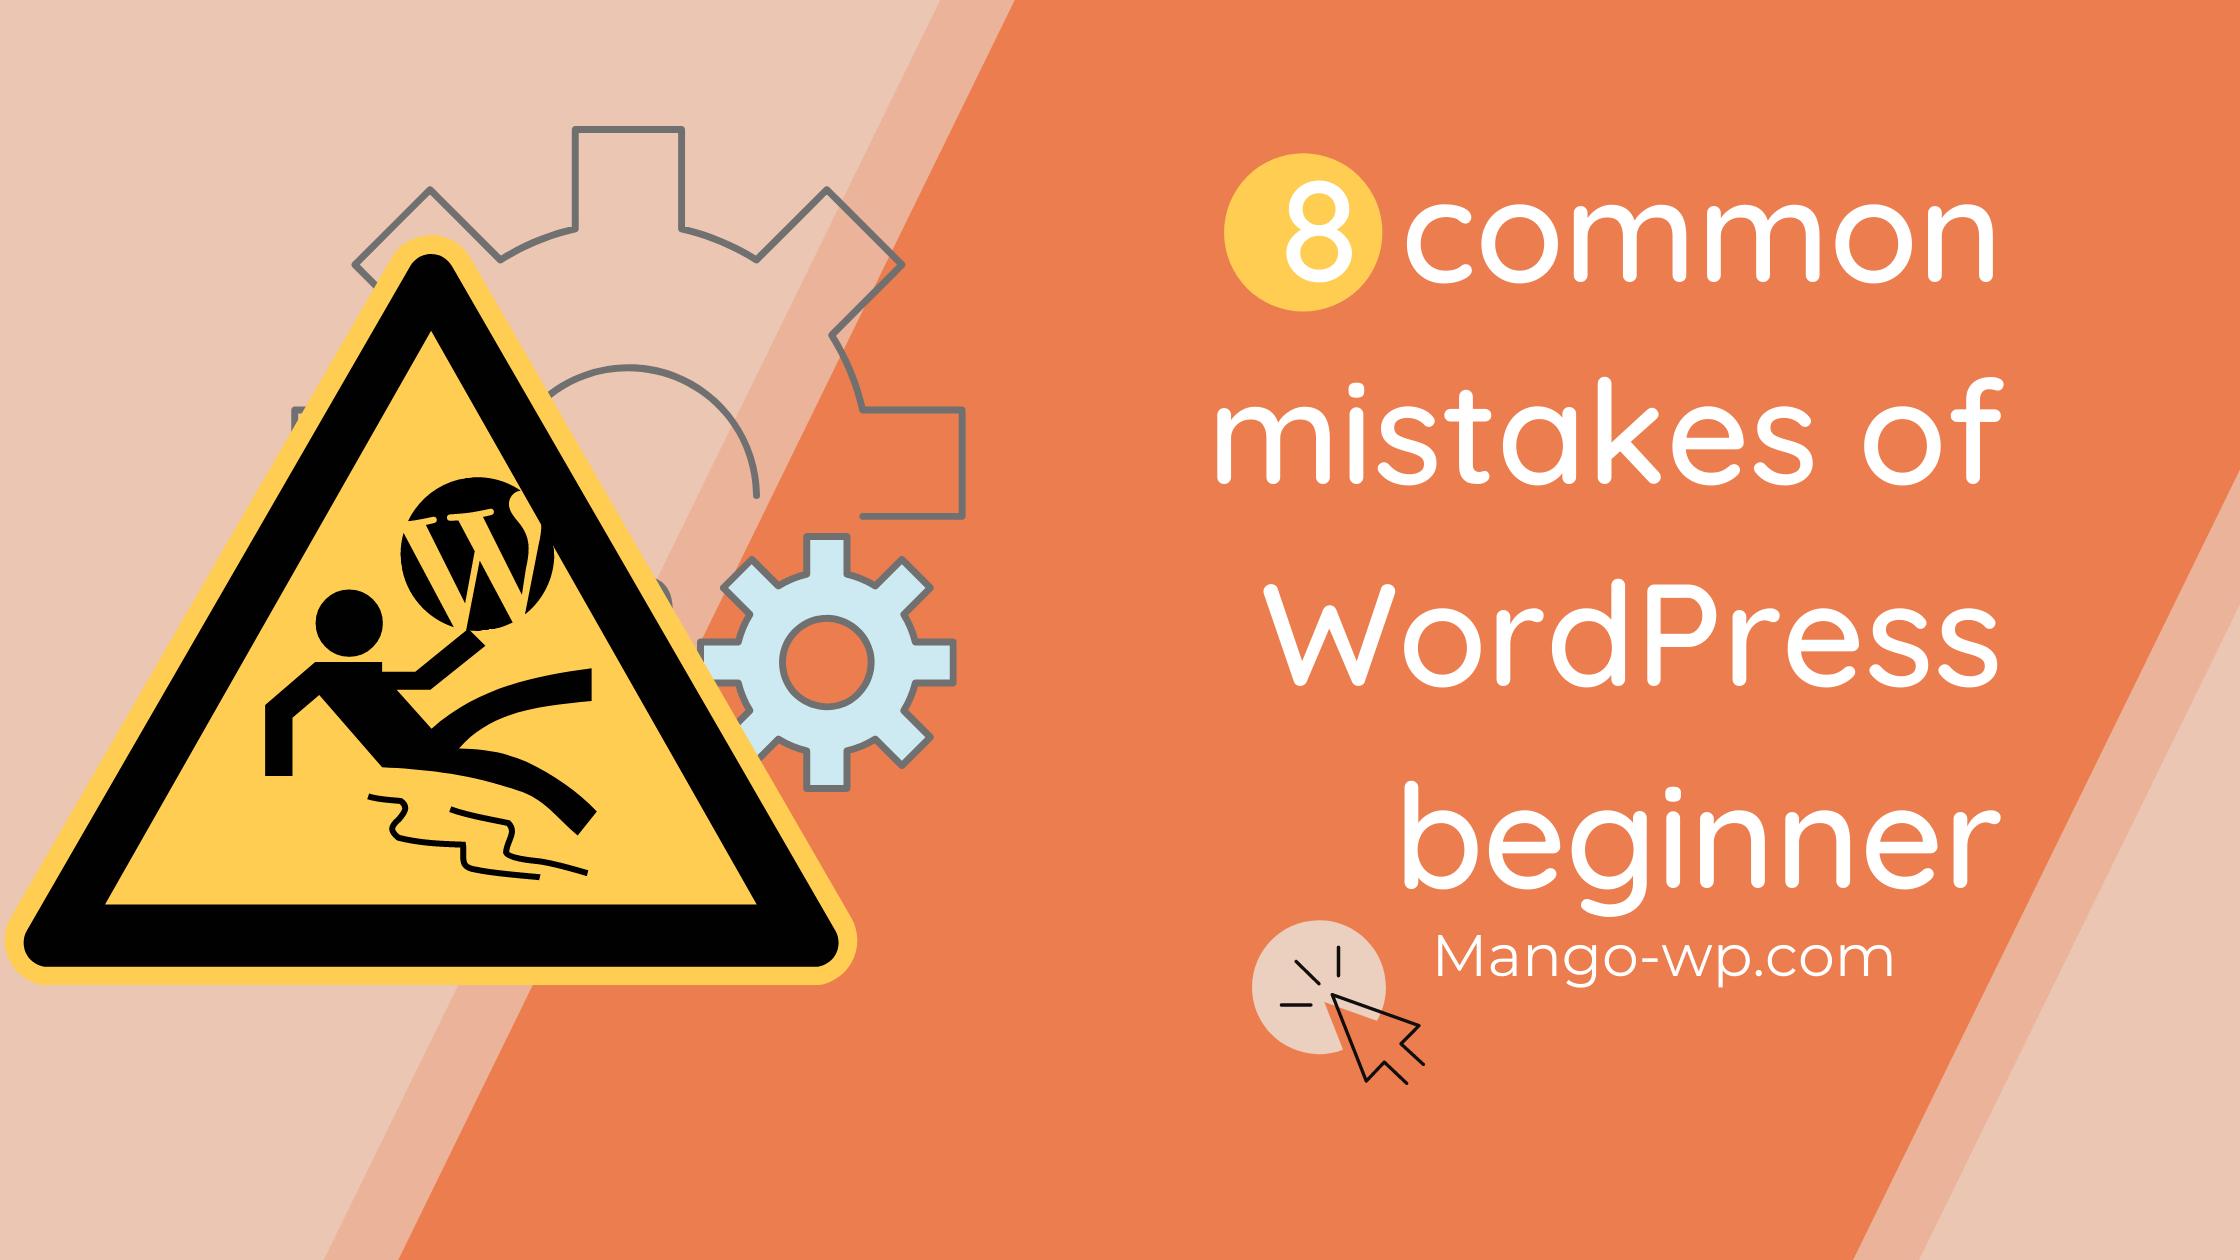 8 common mistake